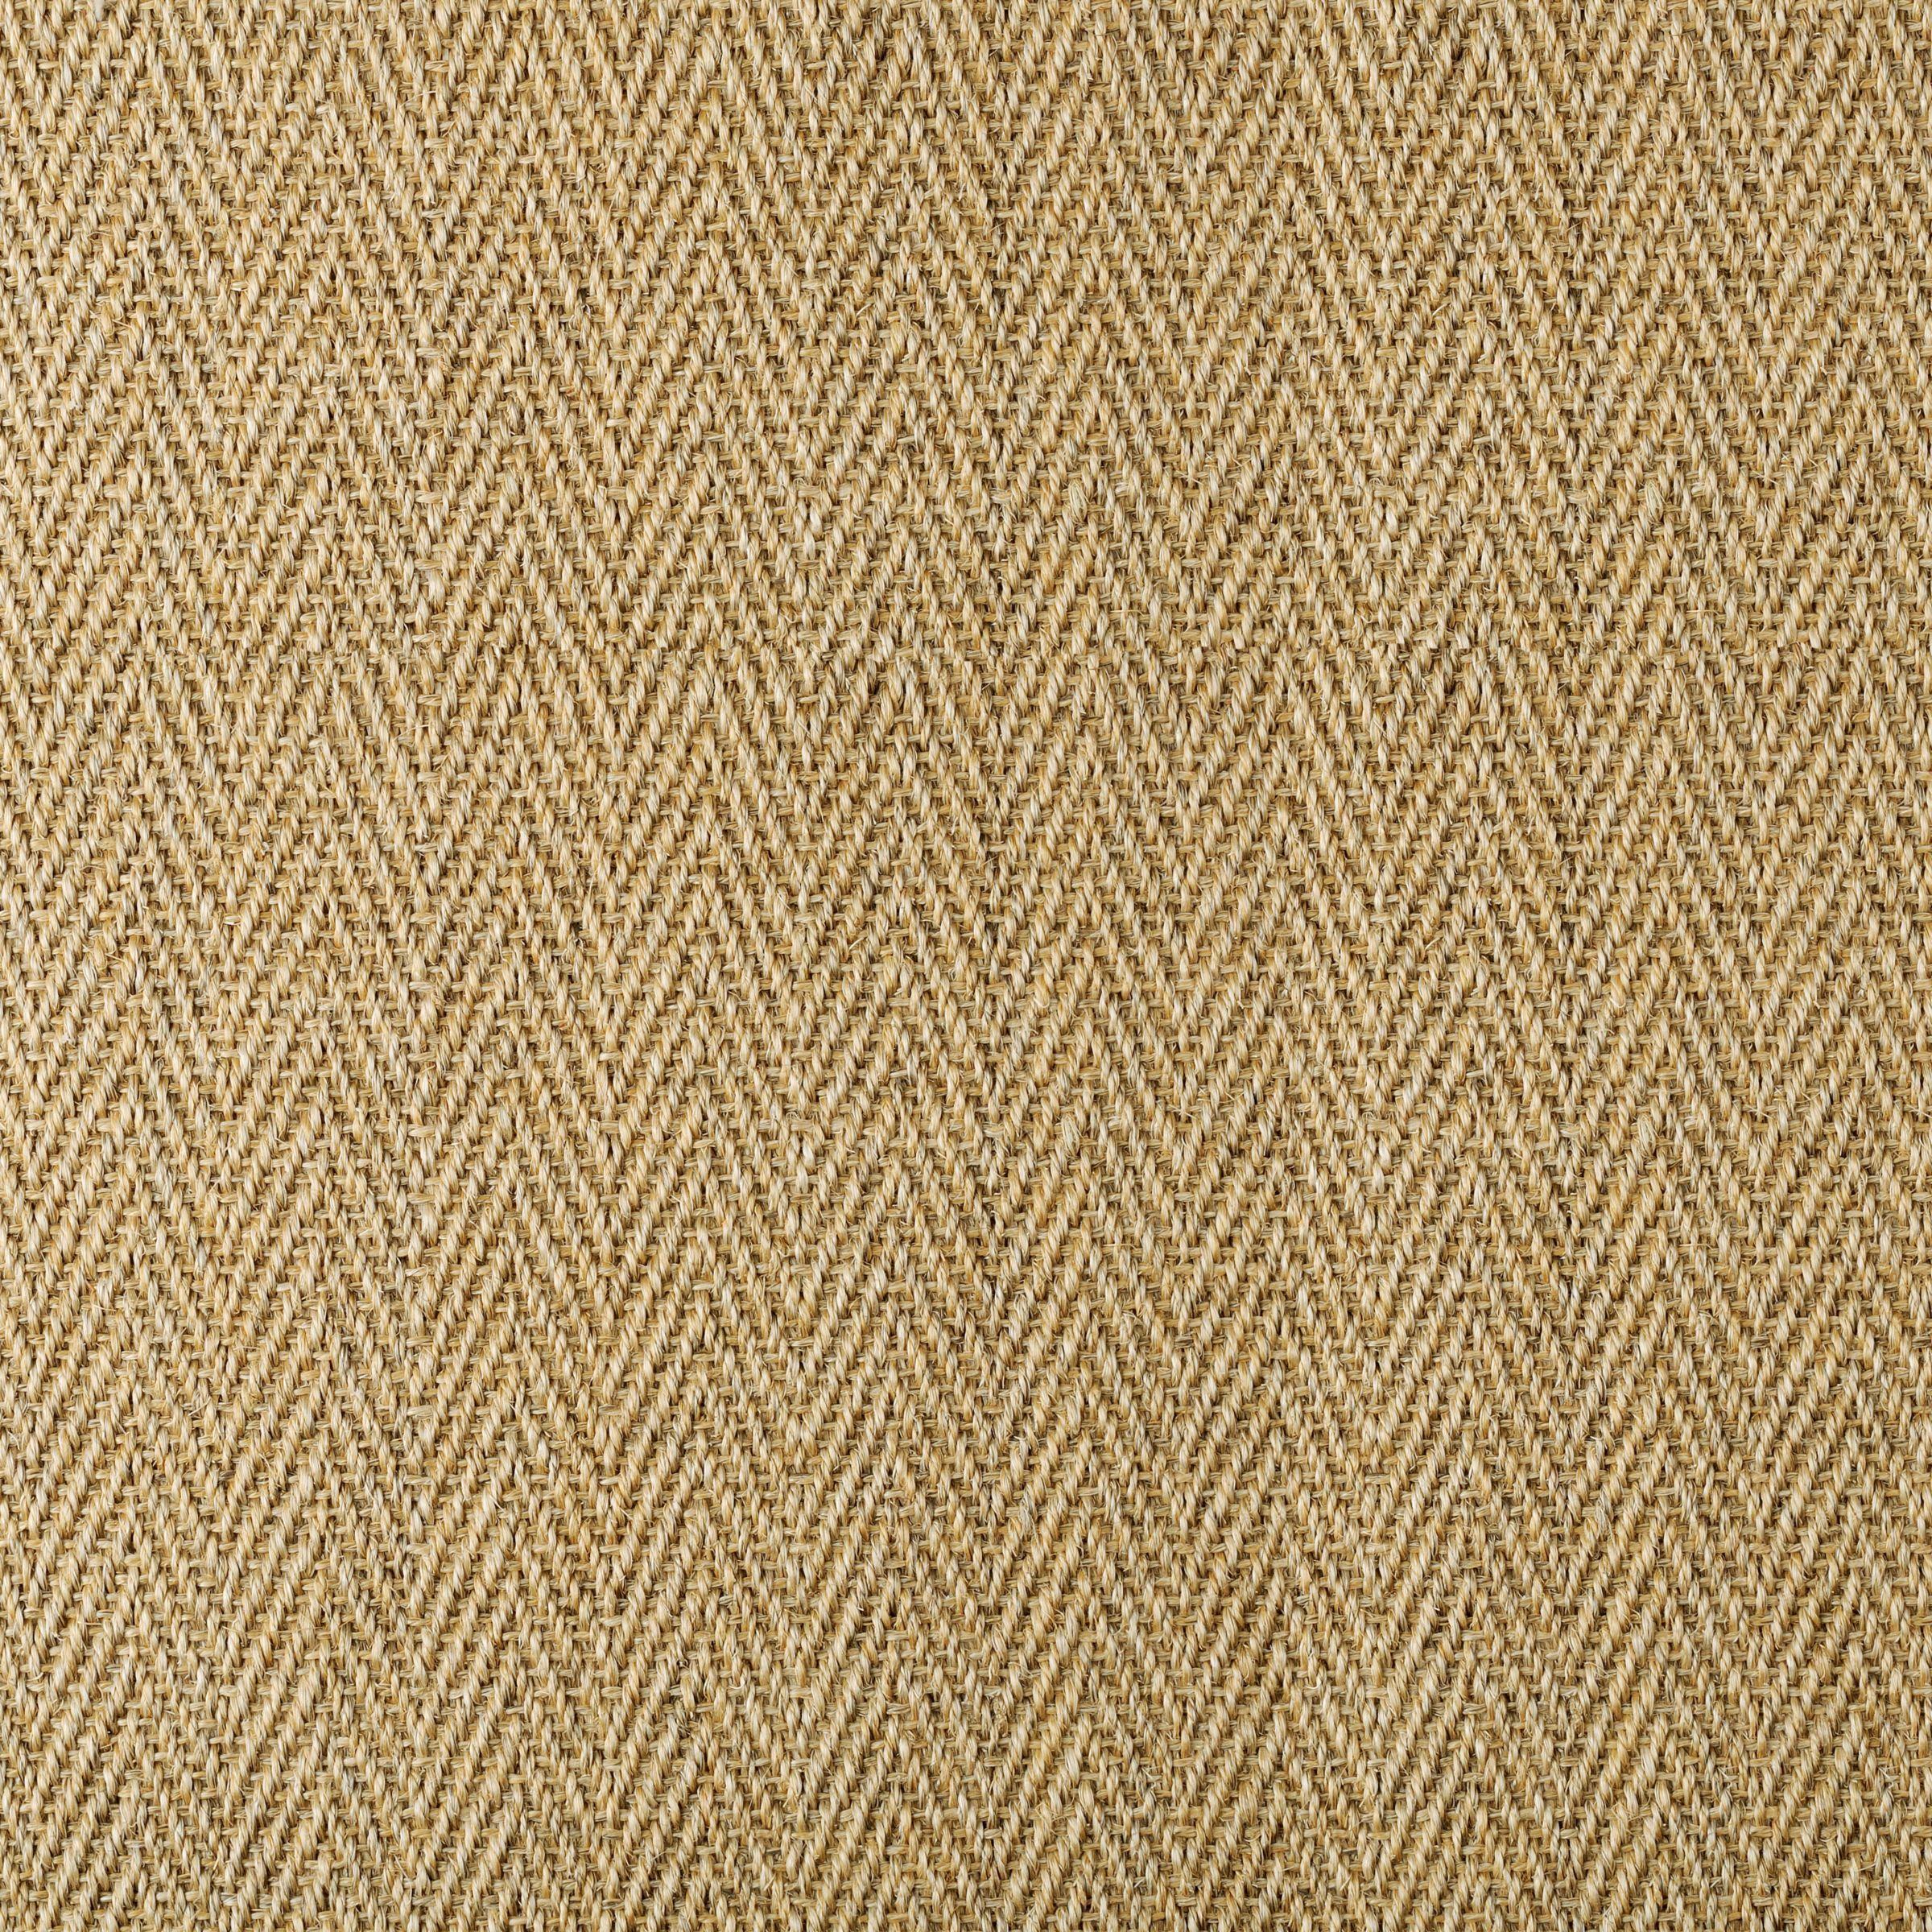 Sisal Herringbone Flatweave Carpet in 2020 Carpet